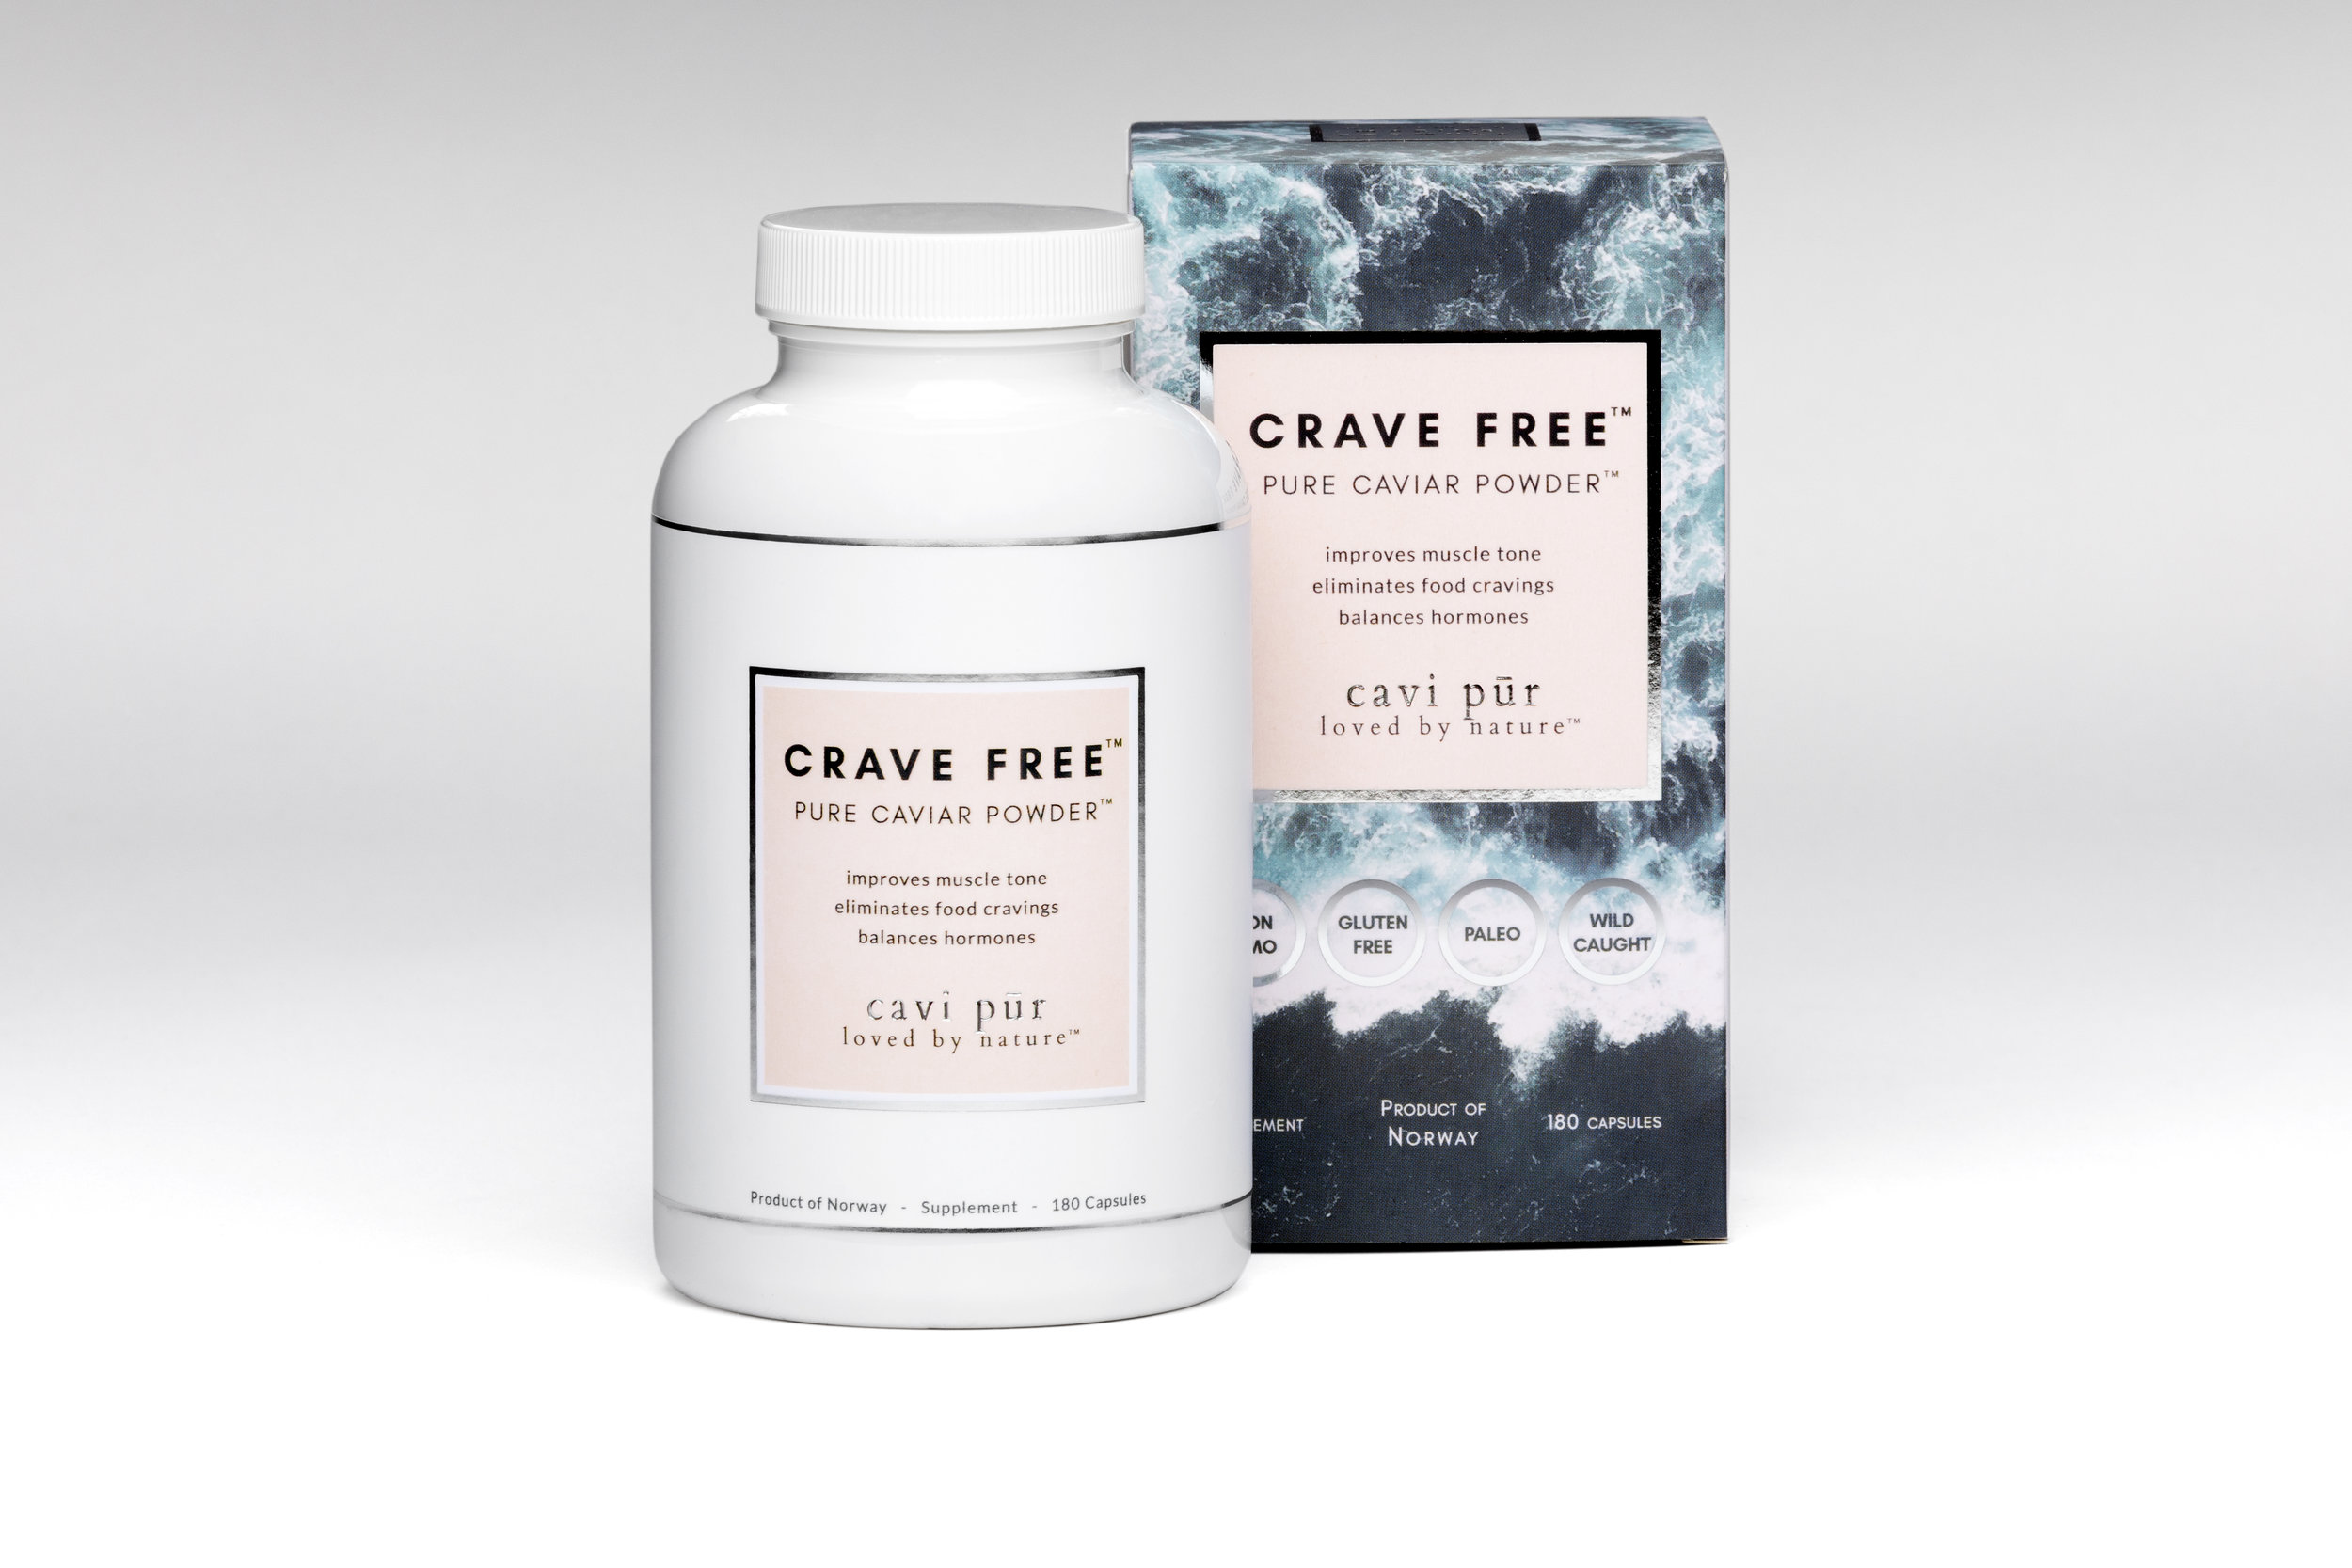 CRAVEFREE-5275_180BOTTLE.jpg